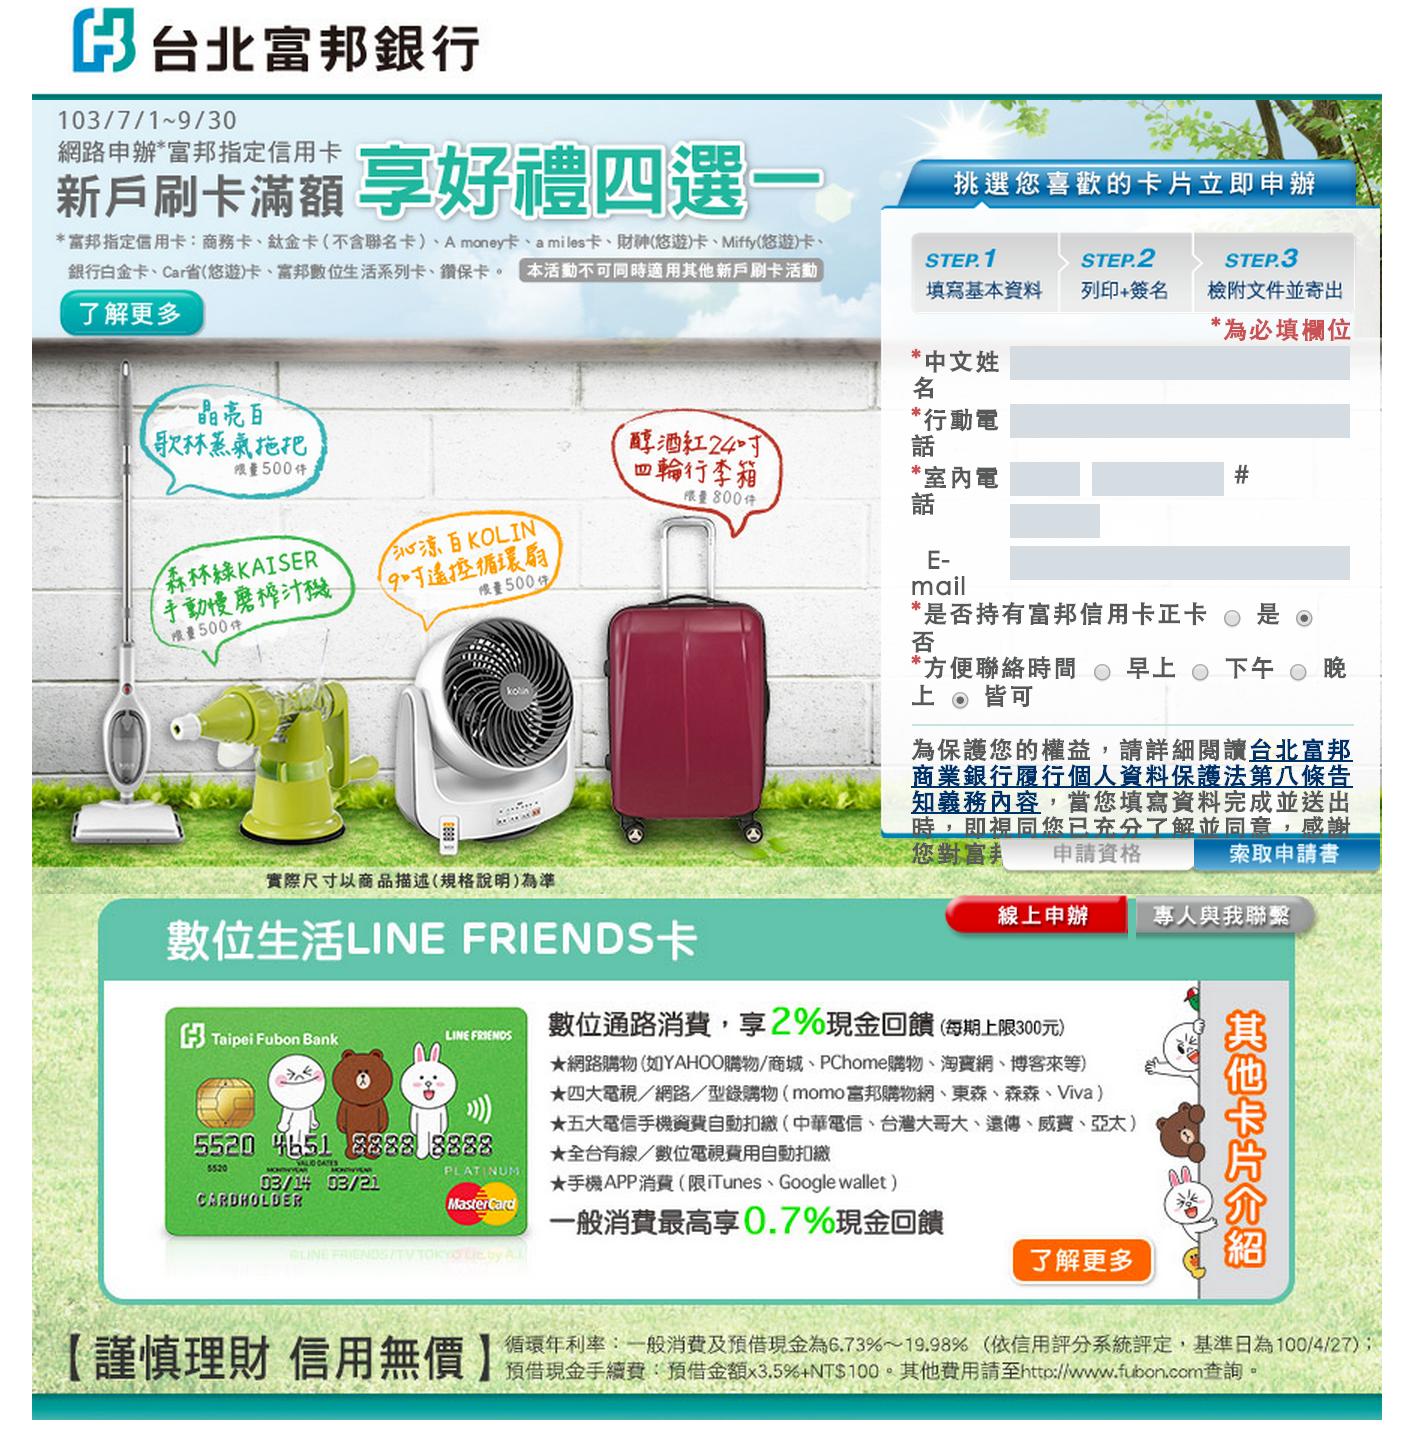 台北富邦銀行線上申辦EDM